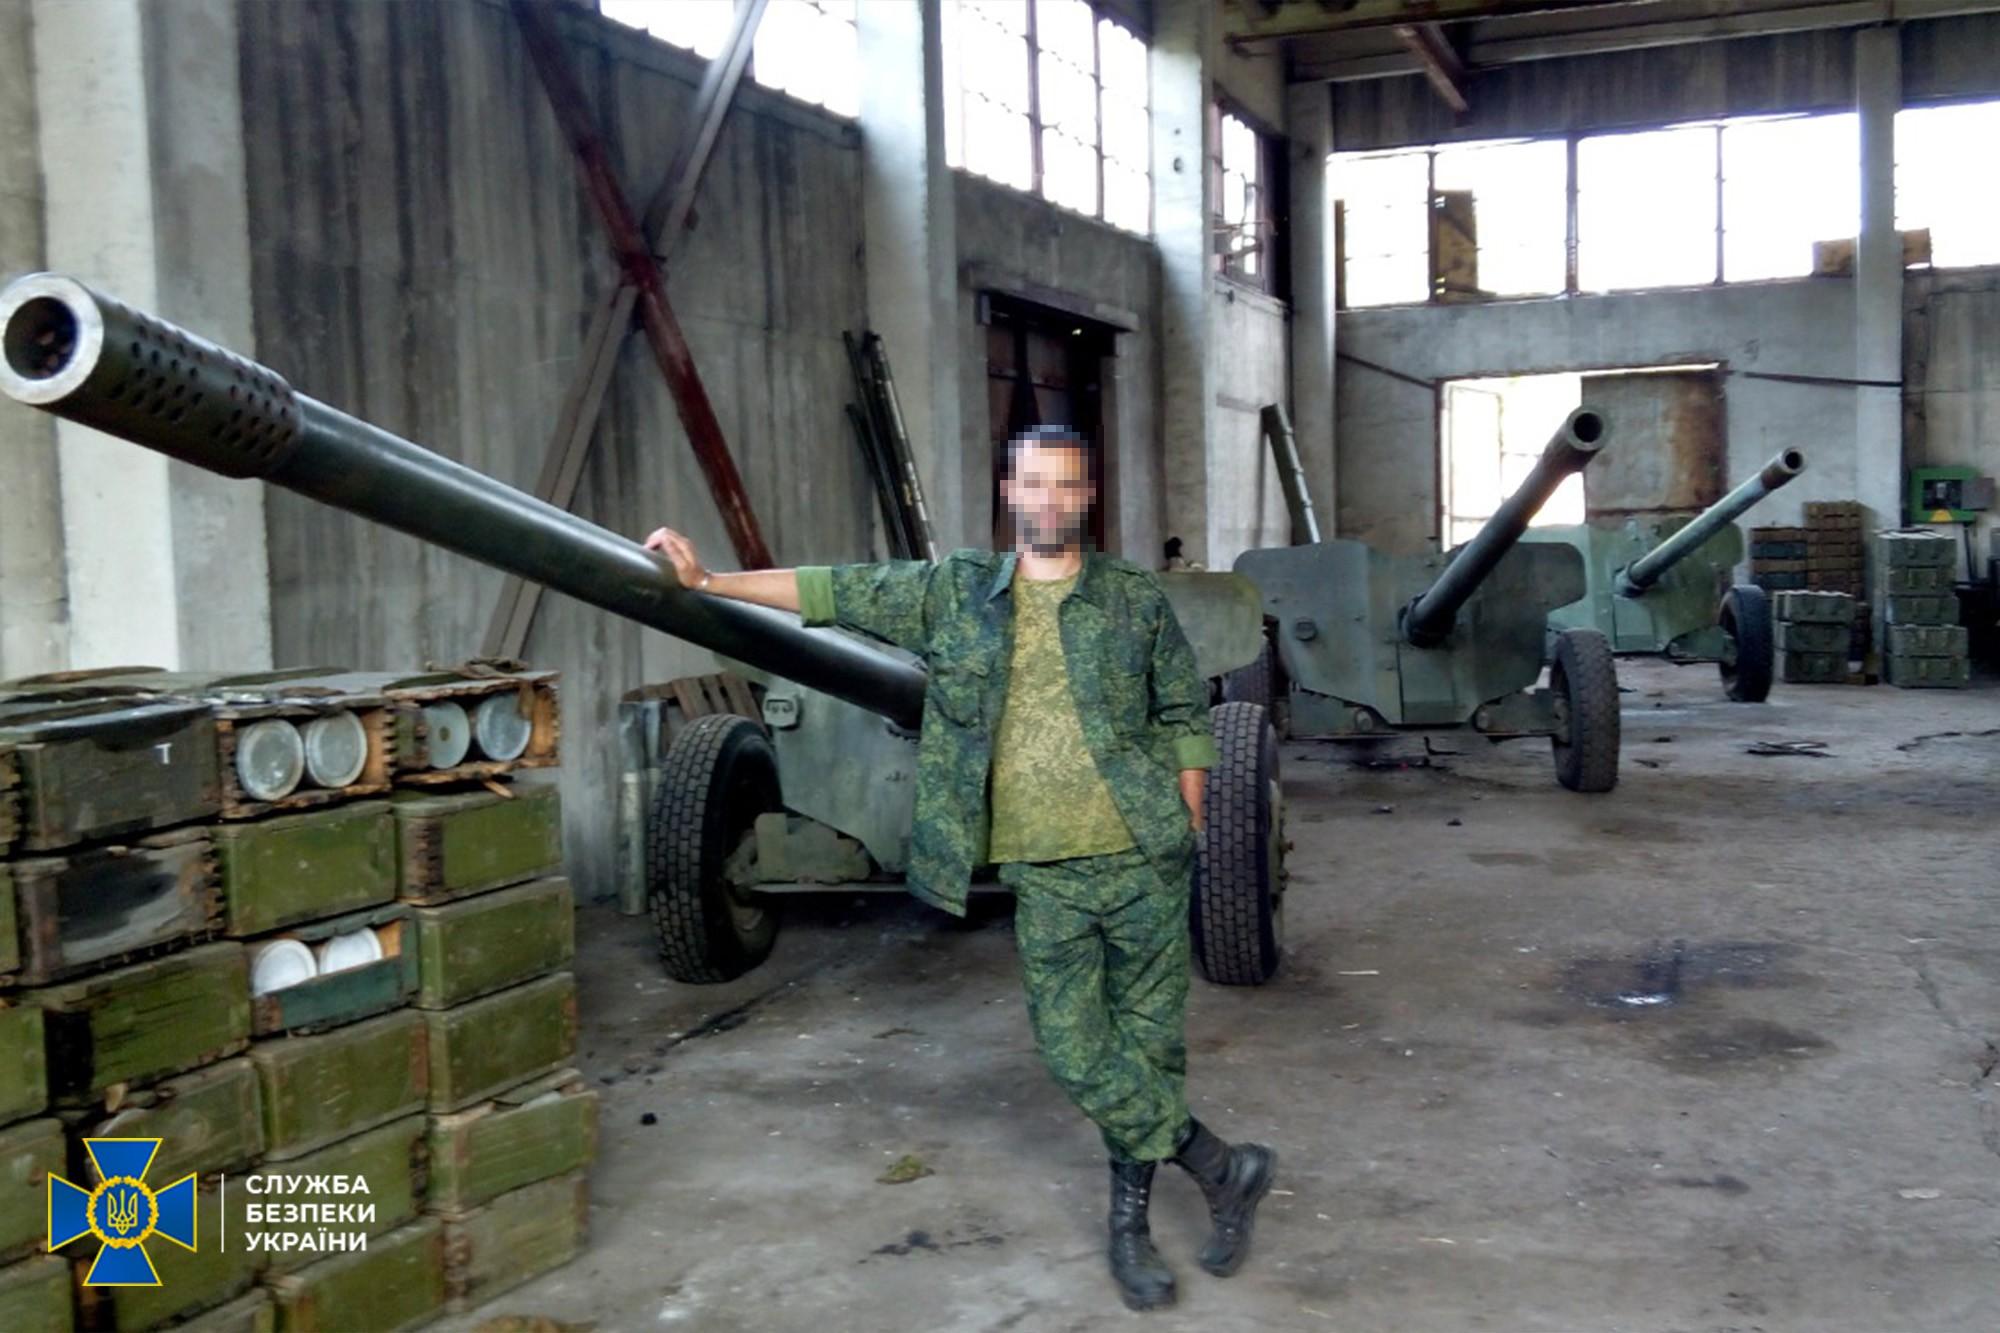 СБУ допитала спійманого на Донбасі бойовика. На його телефоні відео обстрілу позицій ЗСУ